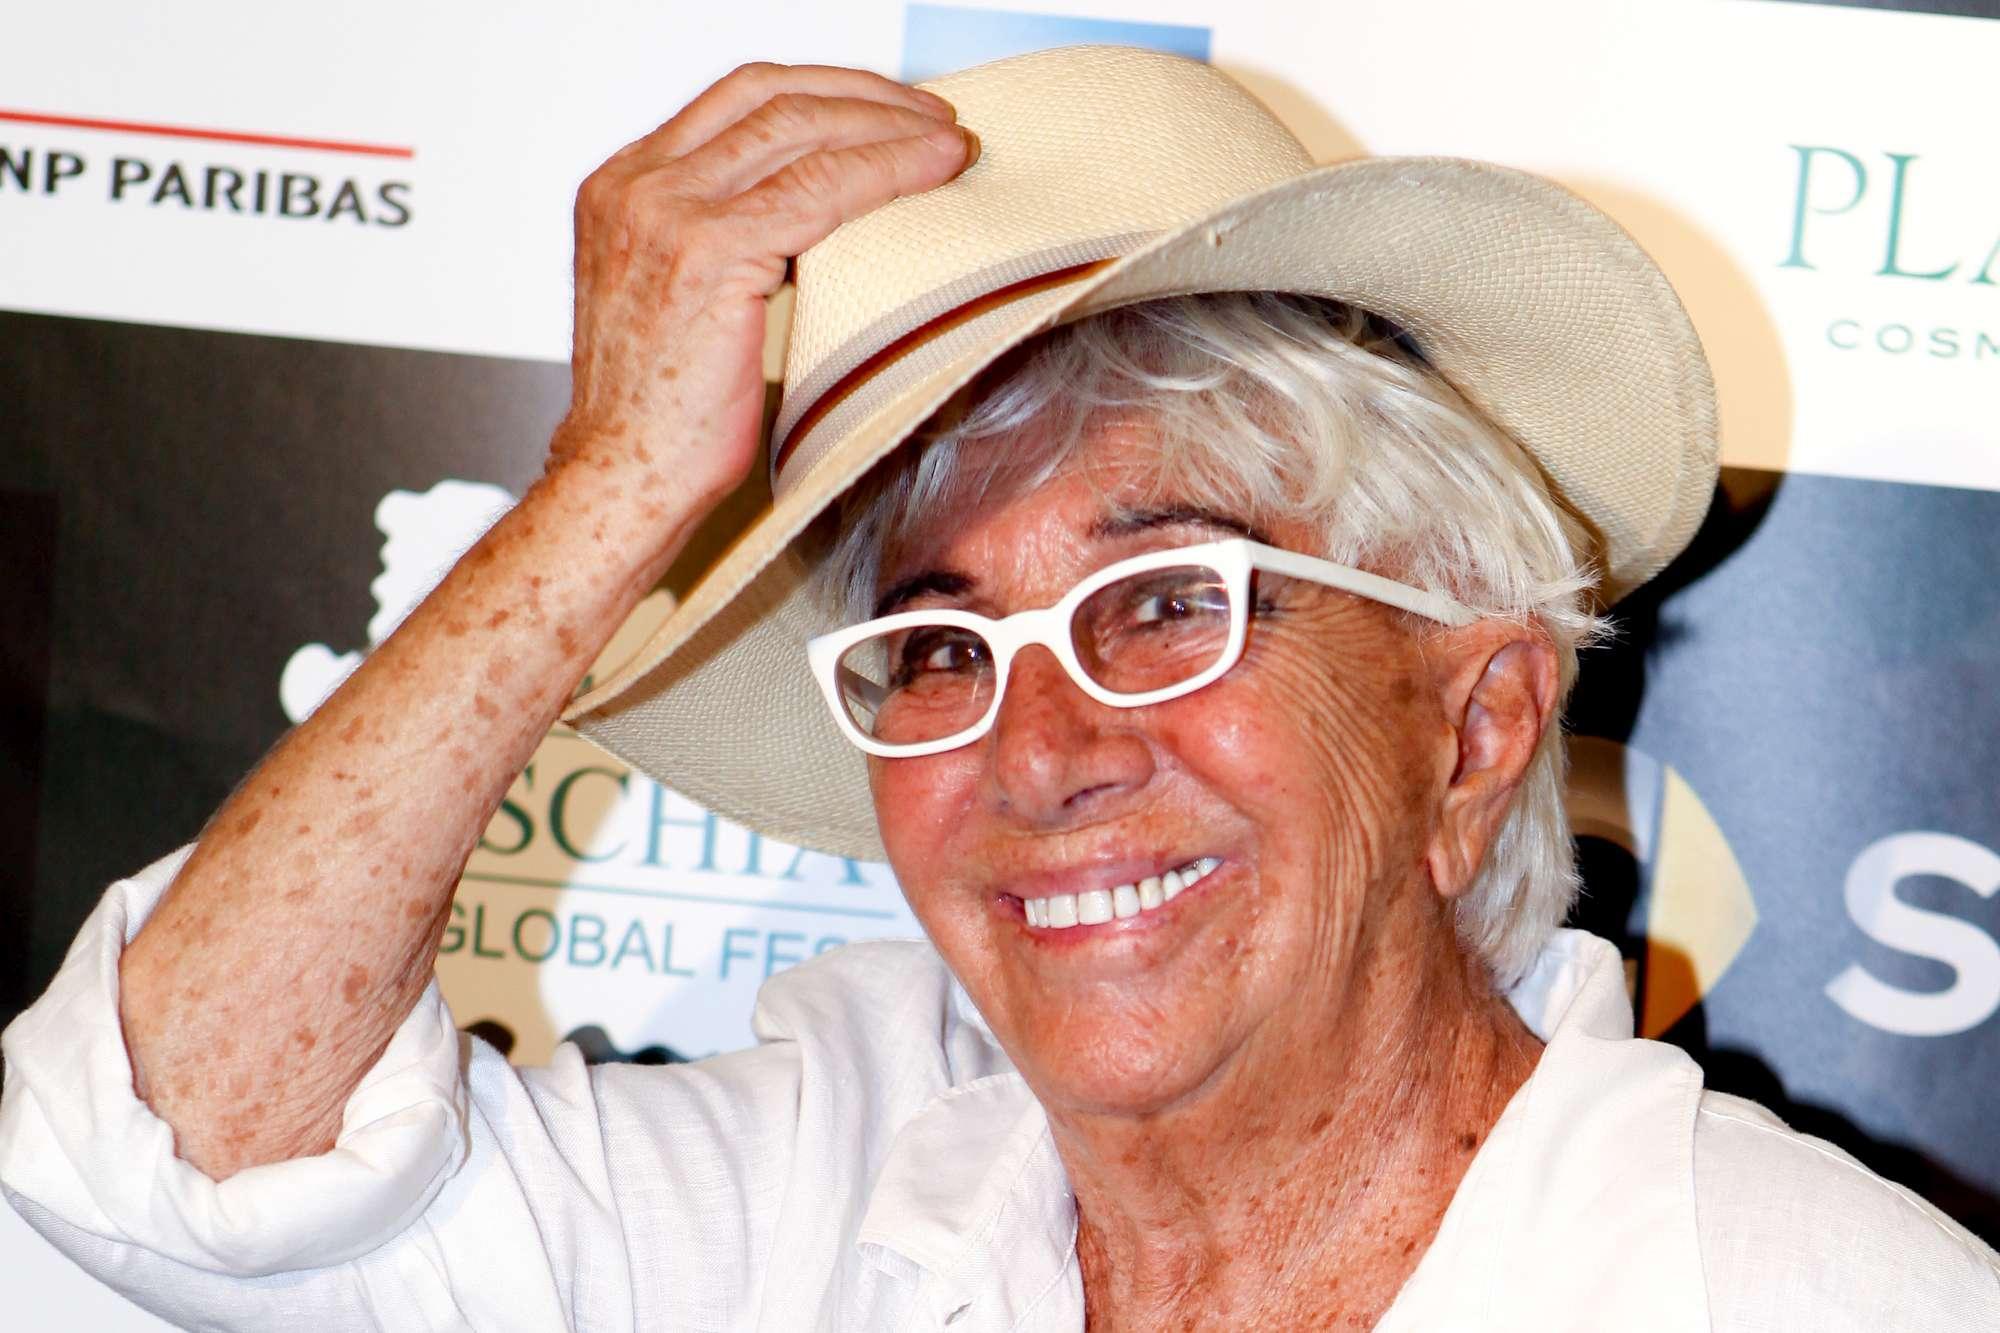 Lina Wertmuller, i 90 anni della  signora con gli occhiali bianchi